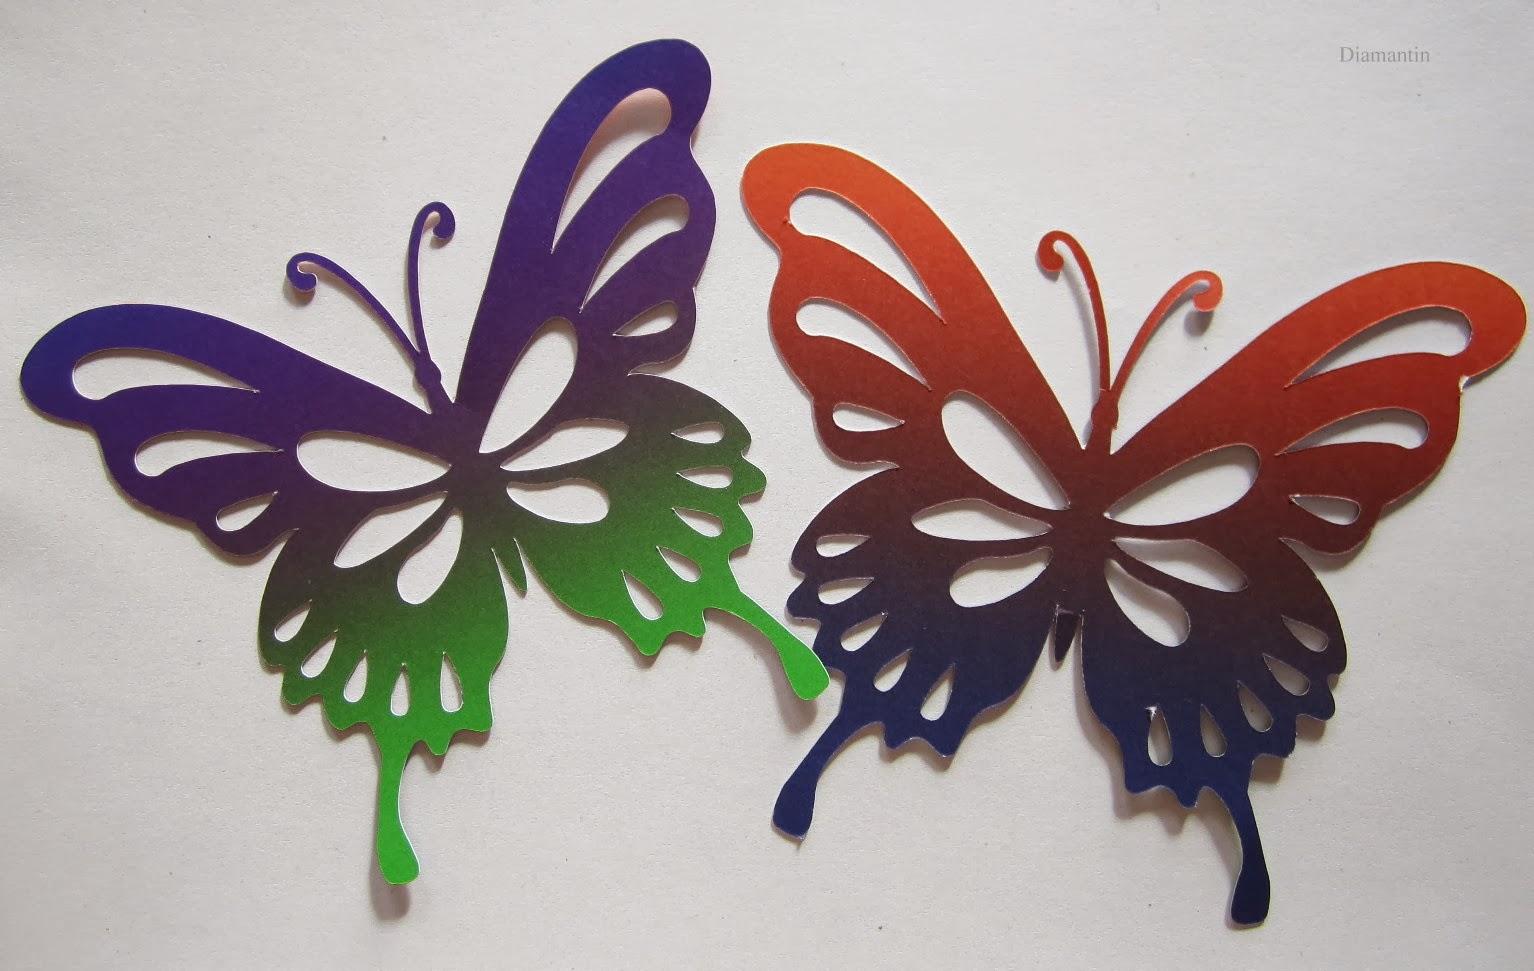 Diamantin´s Hobbywelt: Schmetterlinge